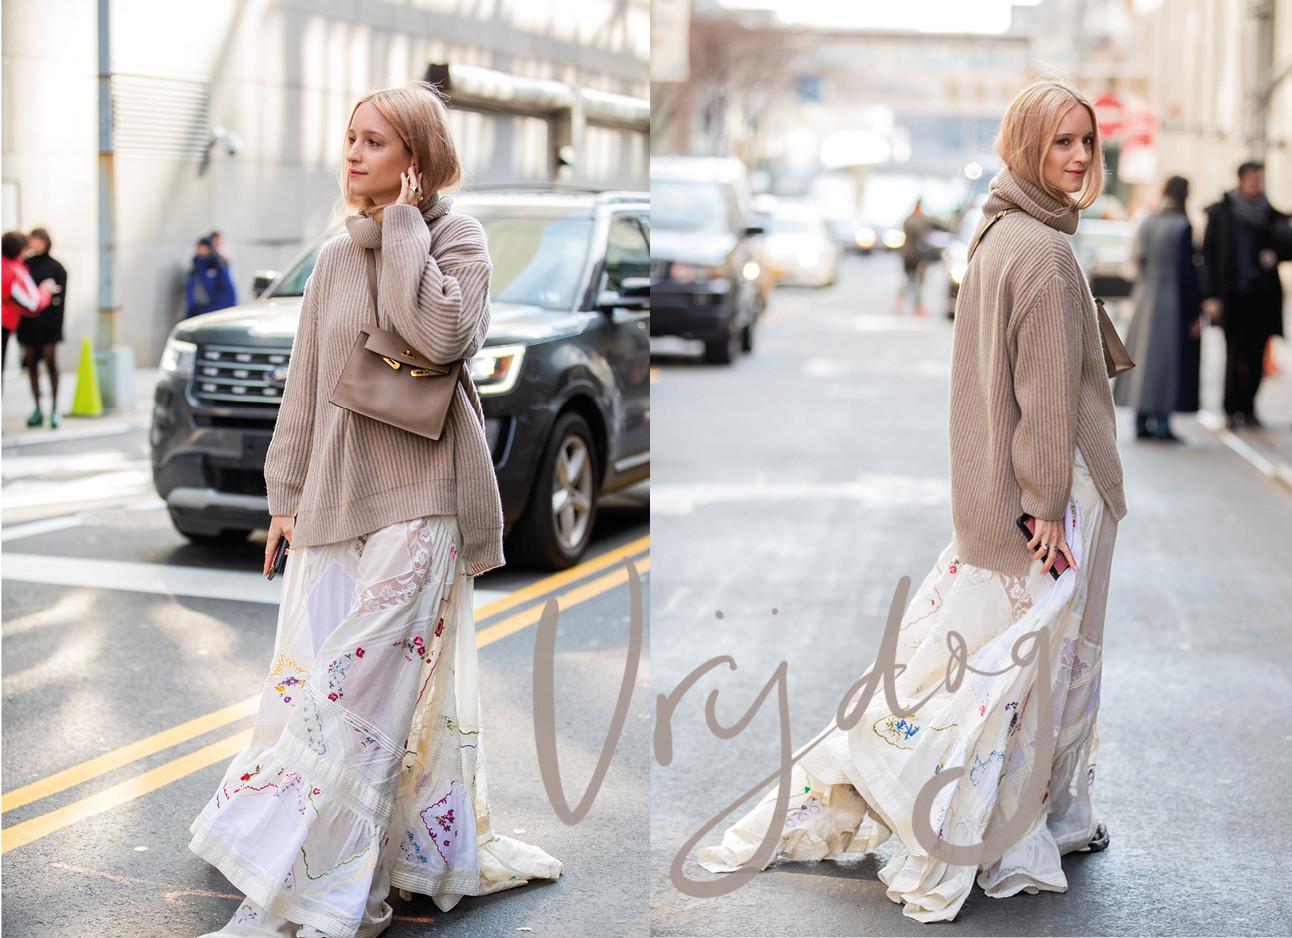 Charlotte Groeneveld lopend op straat met een beige trui en een lange jurk met borduursels